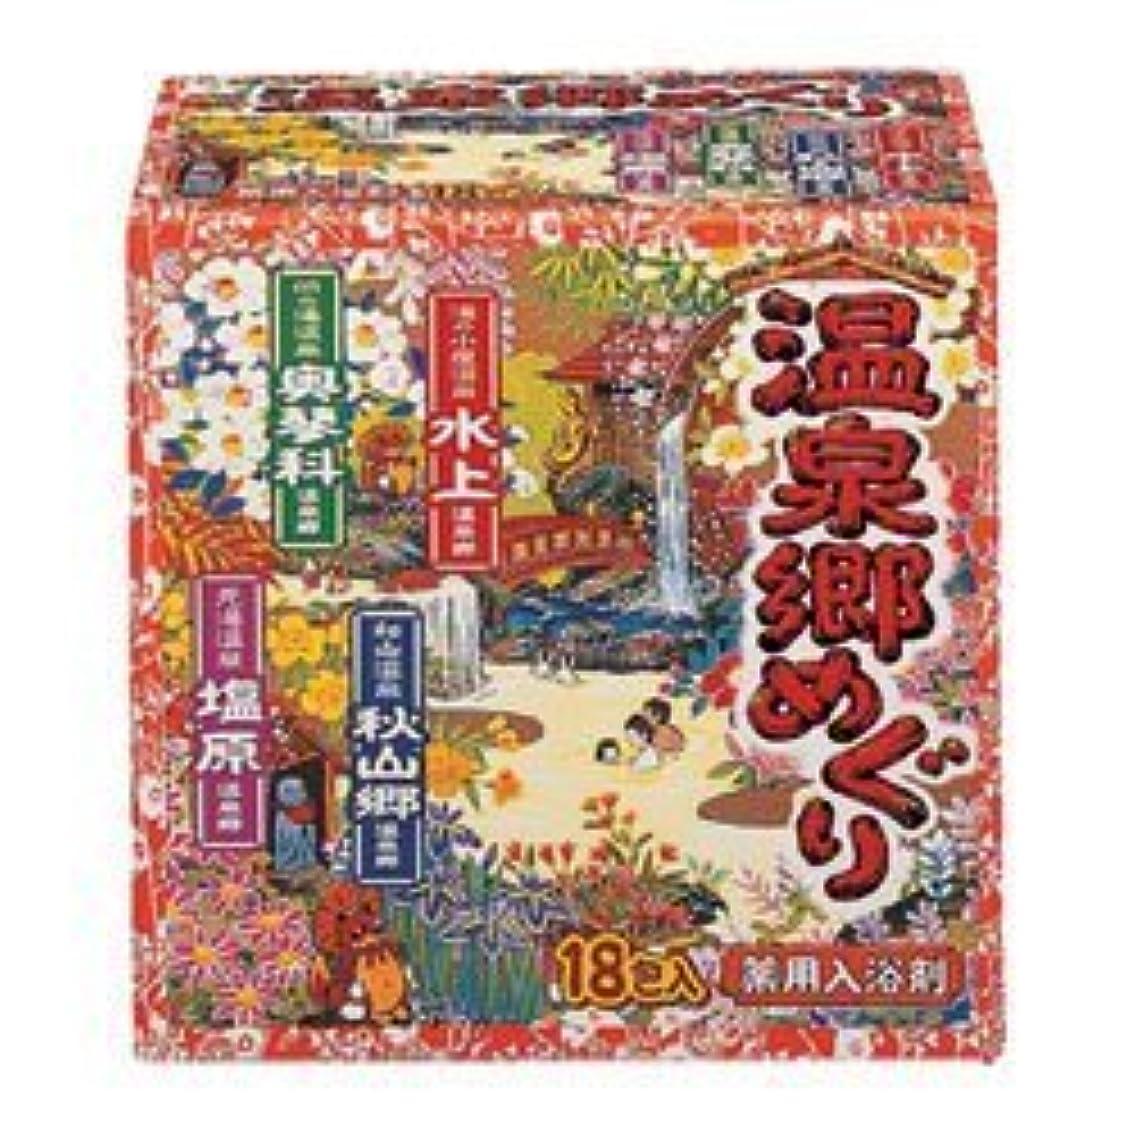 肌トラフ設計【アース製薬】温泉郷めぐり 入浴剤 18包入 ×3個セット